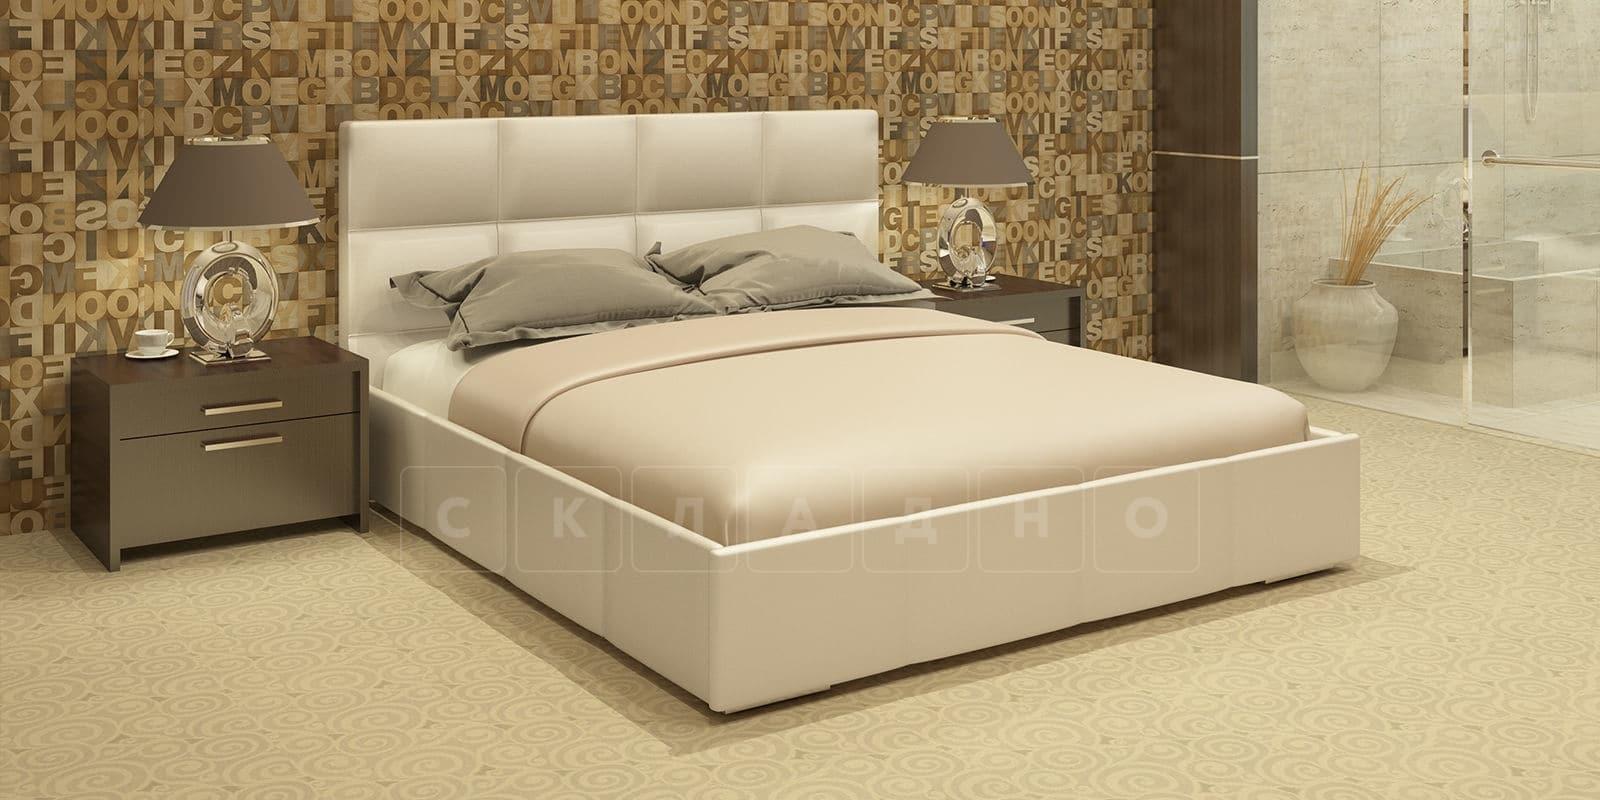 Мягкая кровать Лайф 160см перламутр с подъемным механизмом фото 1 | интернет-магазин Складно